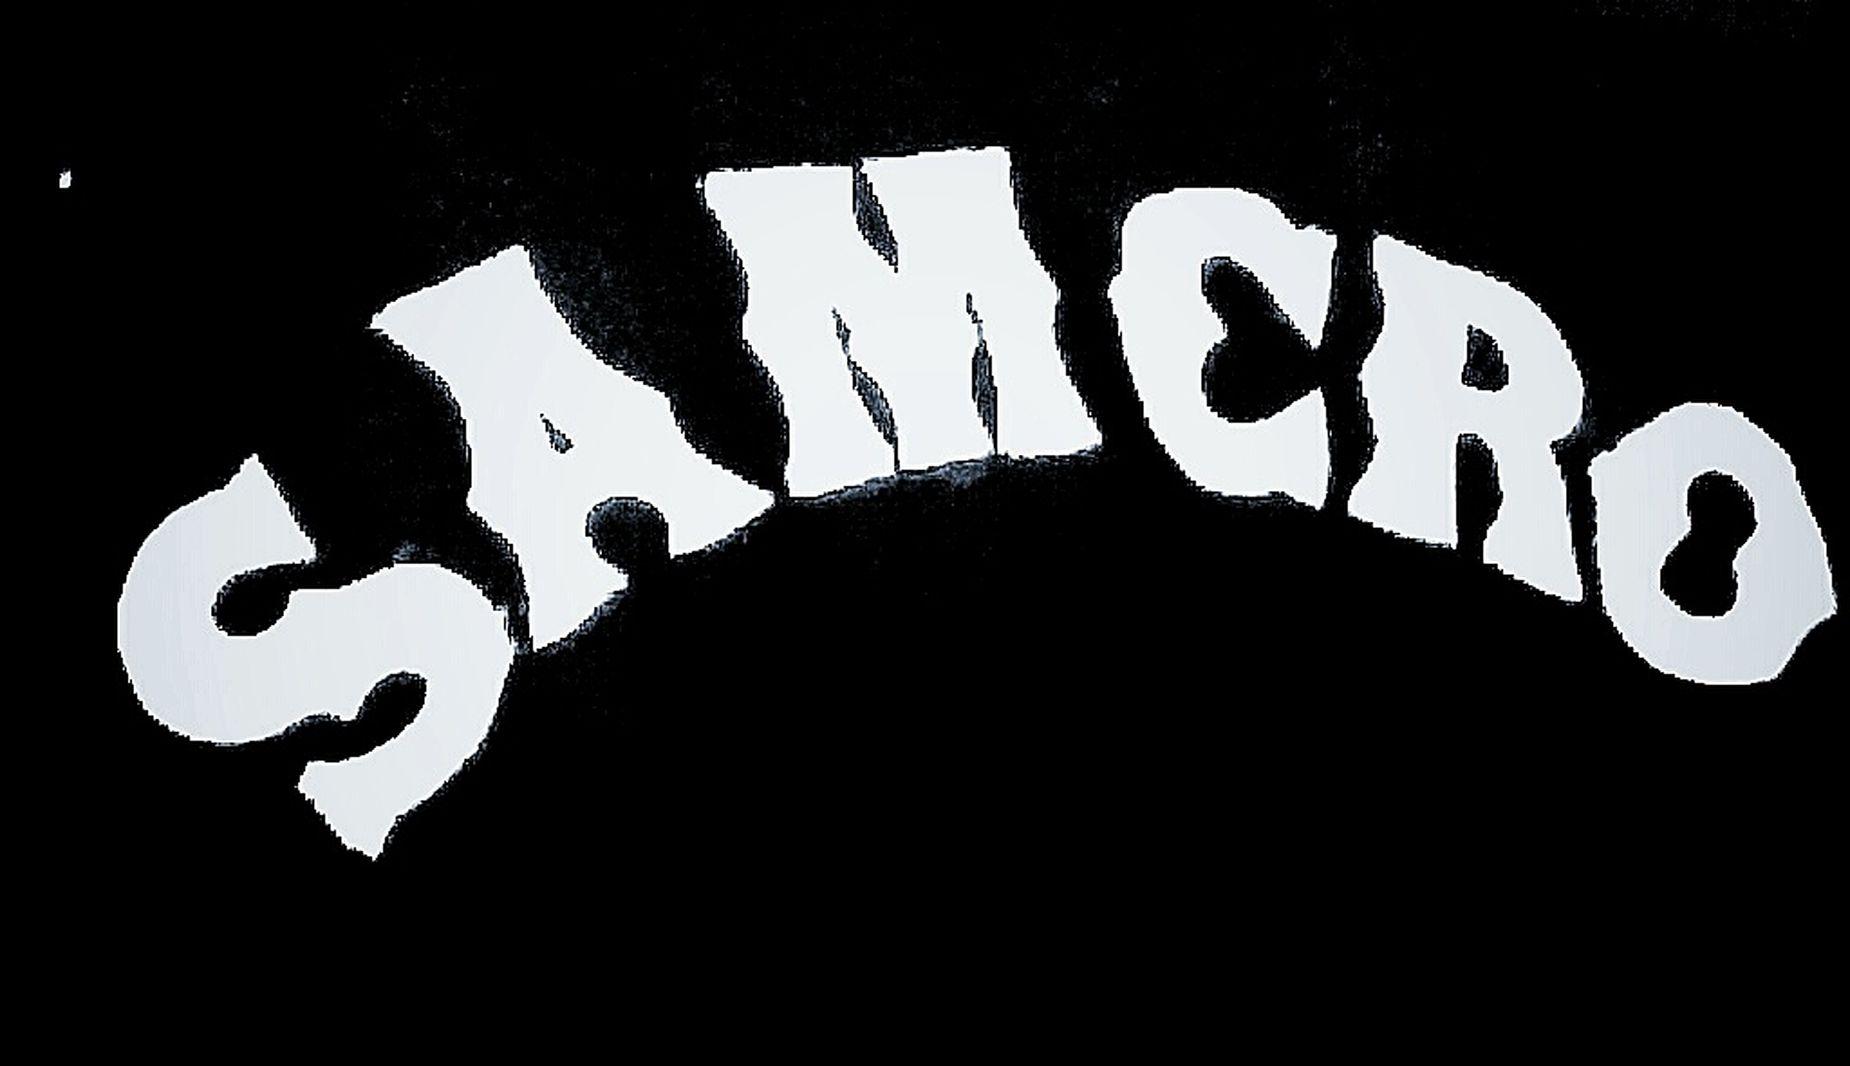 Samcro T_shirt Tshirt Acronym Sons Of Anarchy California Sonsofanarchy SoA S.O.A. T Shirts Tshirt♡ T Shirt Collection T_shirt Tshirtmaniac